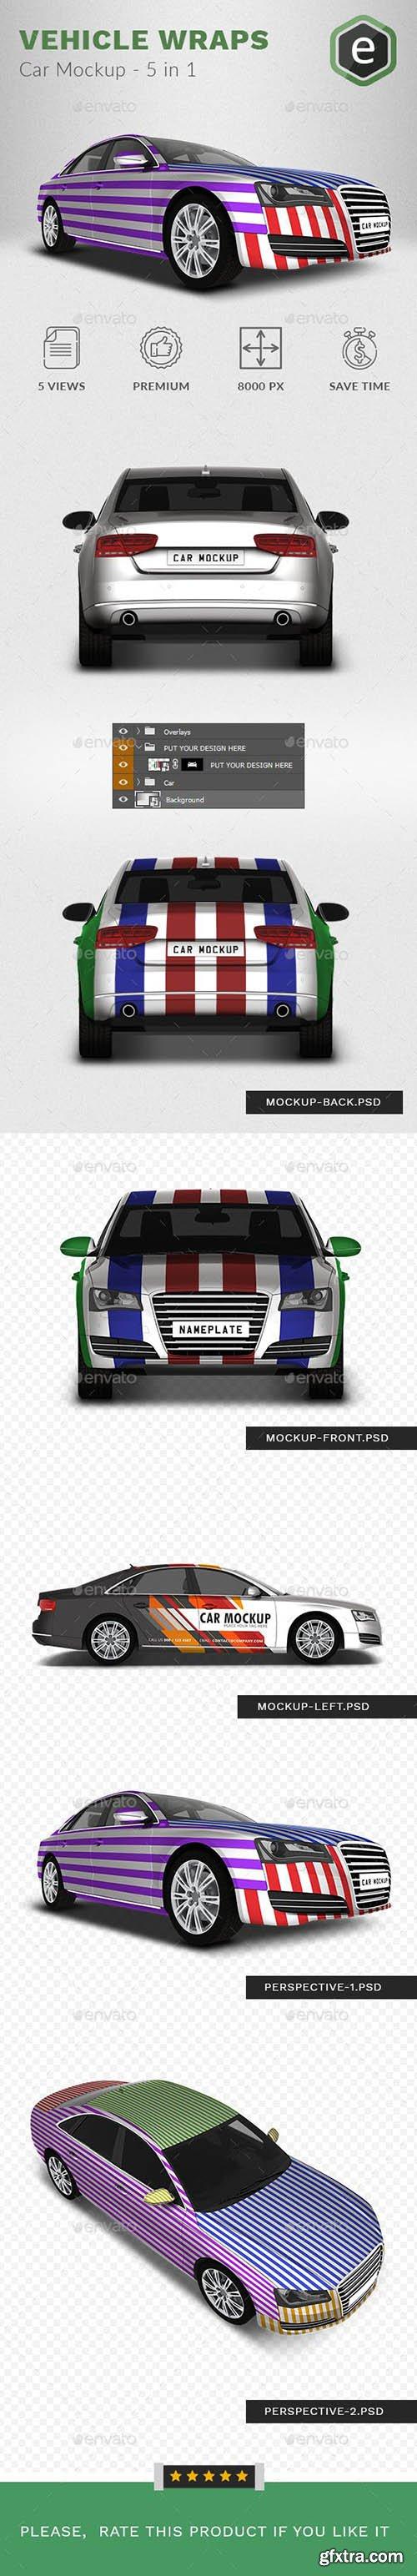 Car Mockup Based on Audi A8 - 5 In 1 23270246